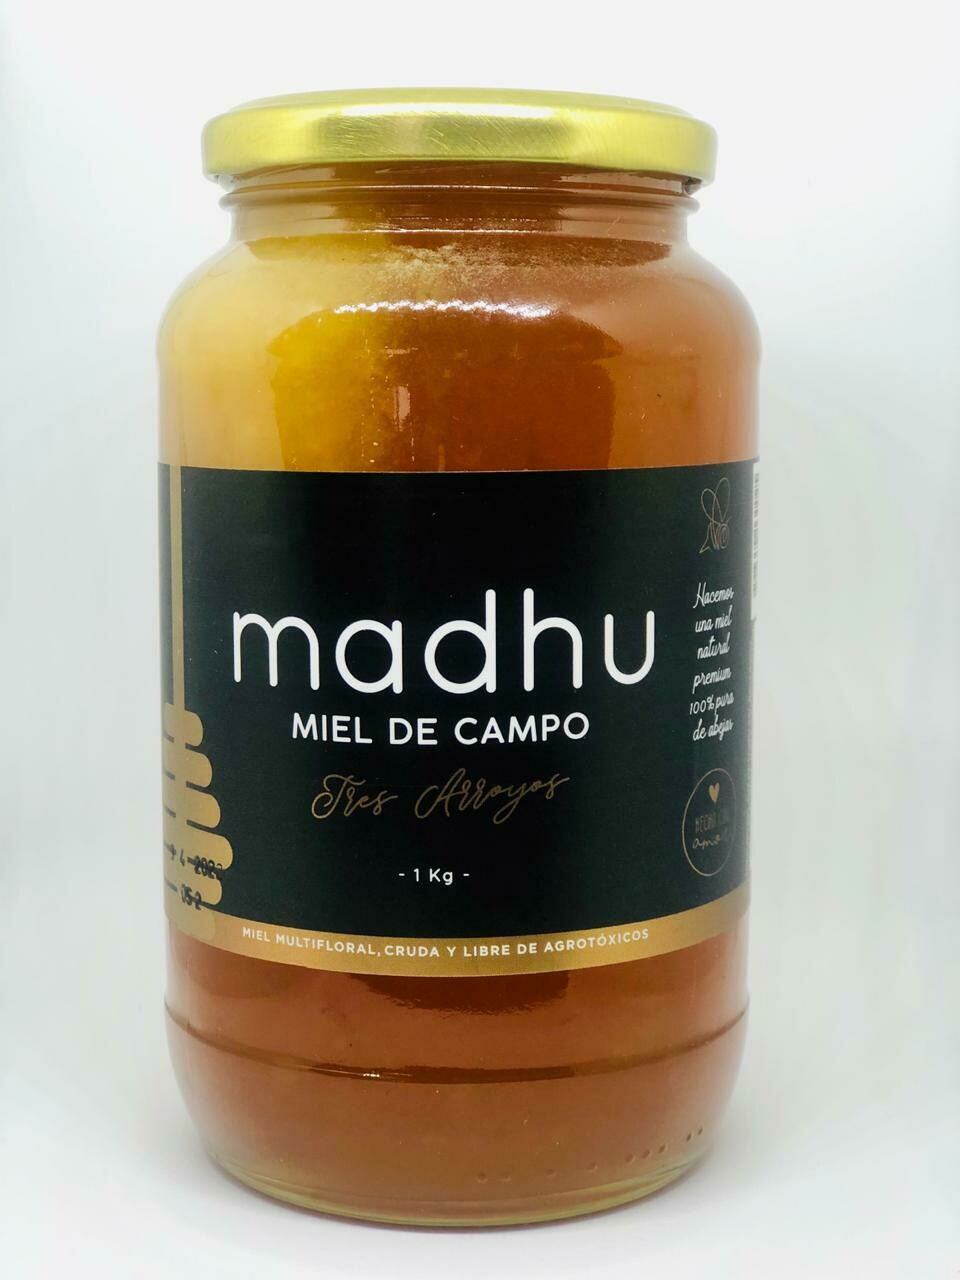 MIEL LIQUIDA, MADHU, 1 kg